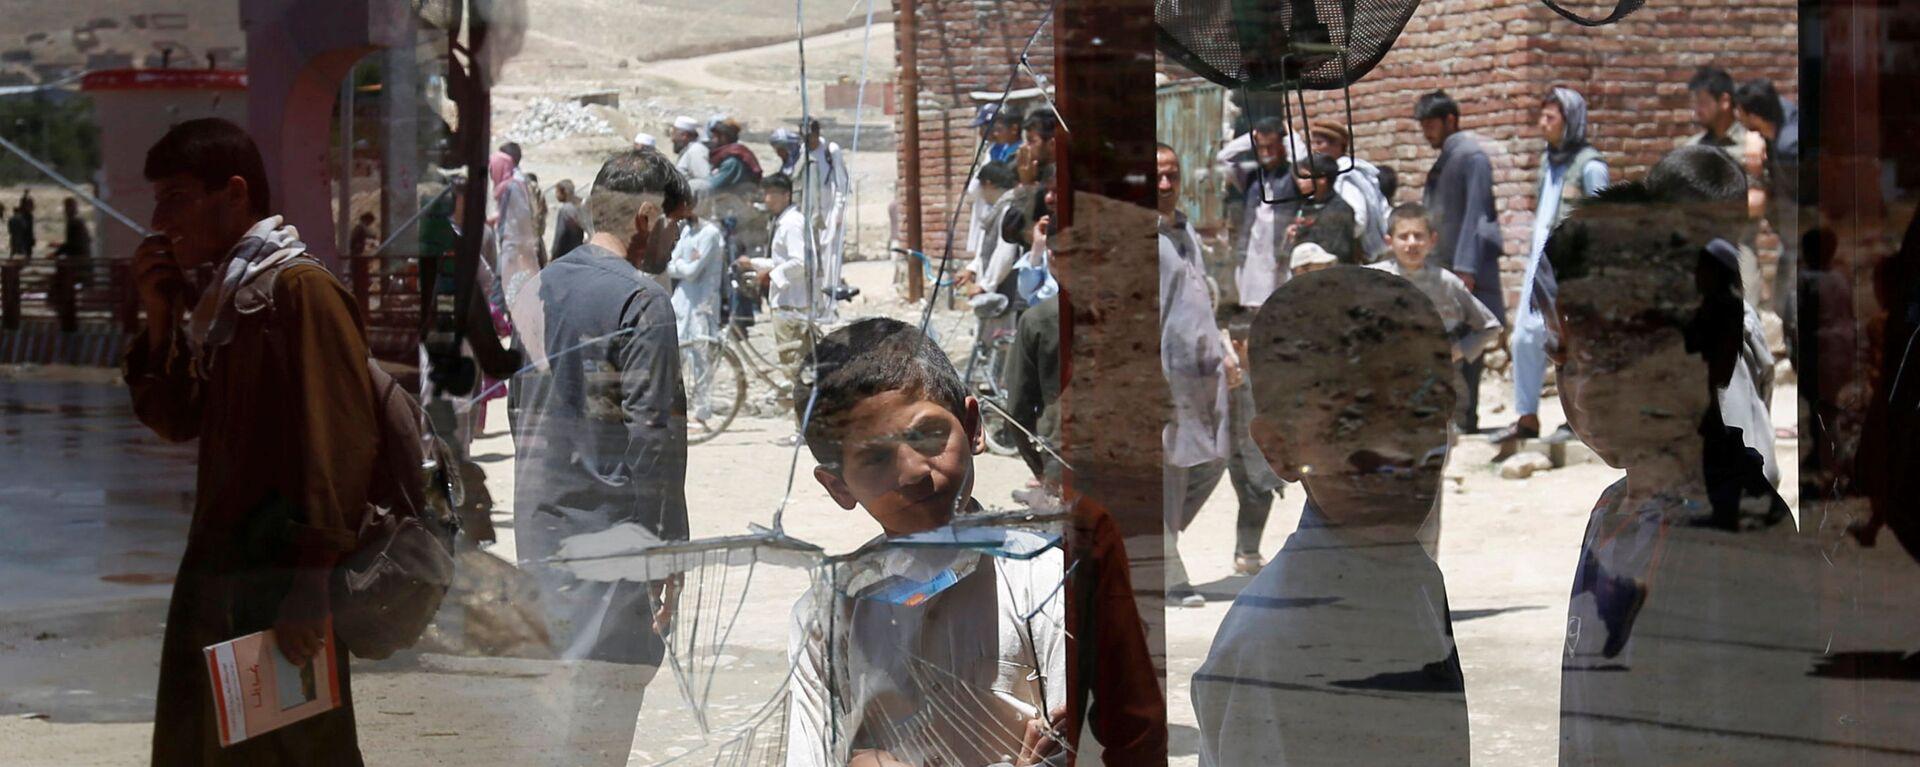 Afghánští chlapci u rozbitého okna v Kábulu, Afghánistán - Sputnik Česká republika, 1920, 17.08.2021